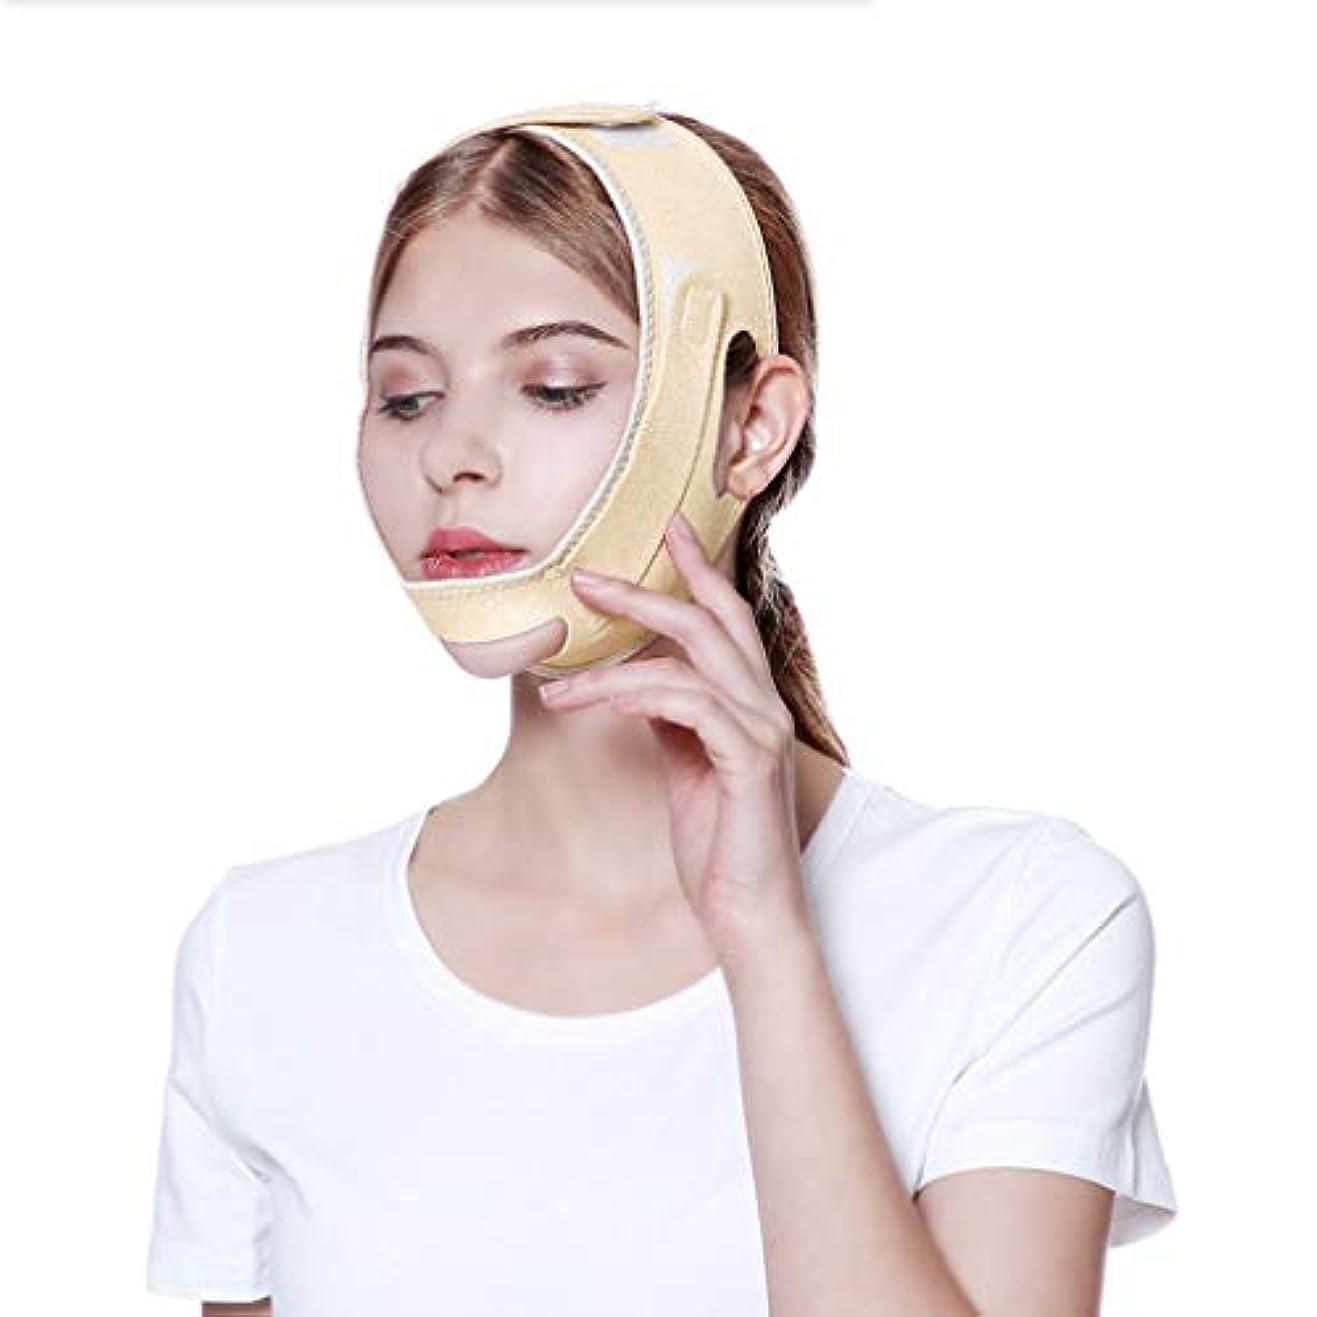 出席する創造確率顔面重量損失顔包帯 v 顔楽器顔ツールマスクライン彫刻手術回復ヘッドギアダブルあご